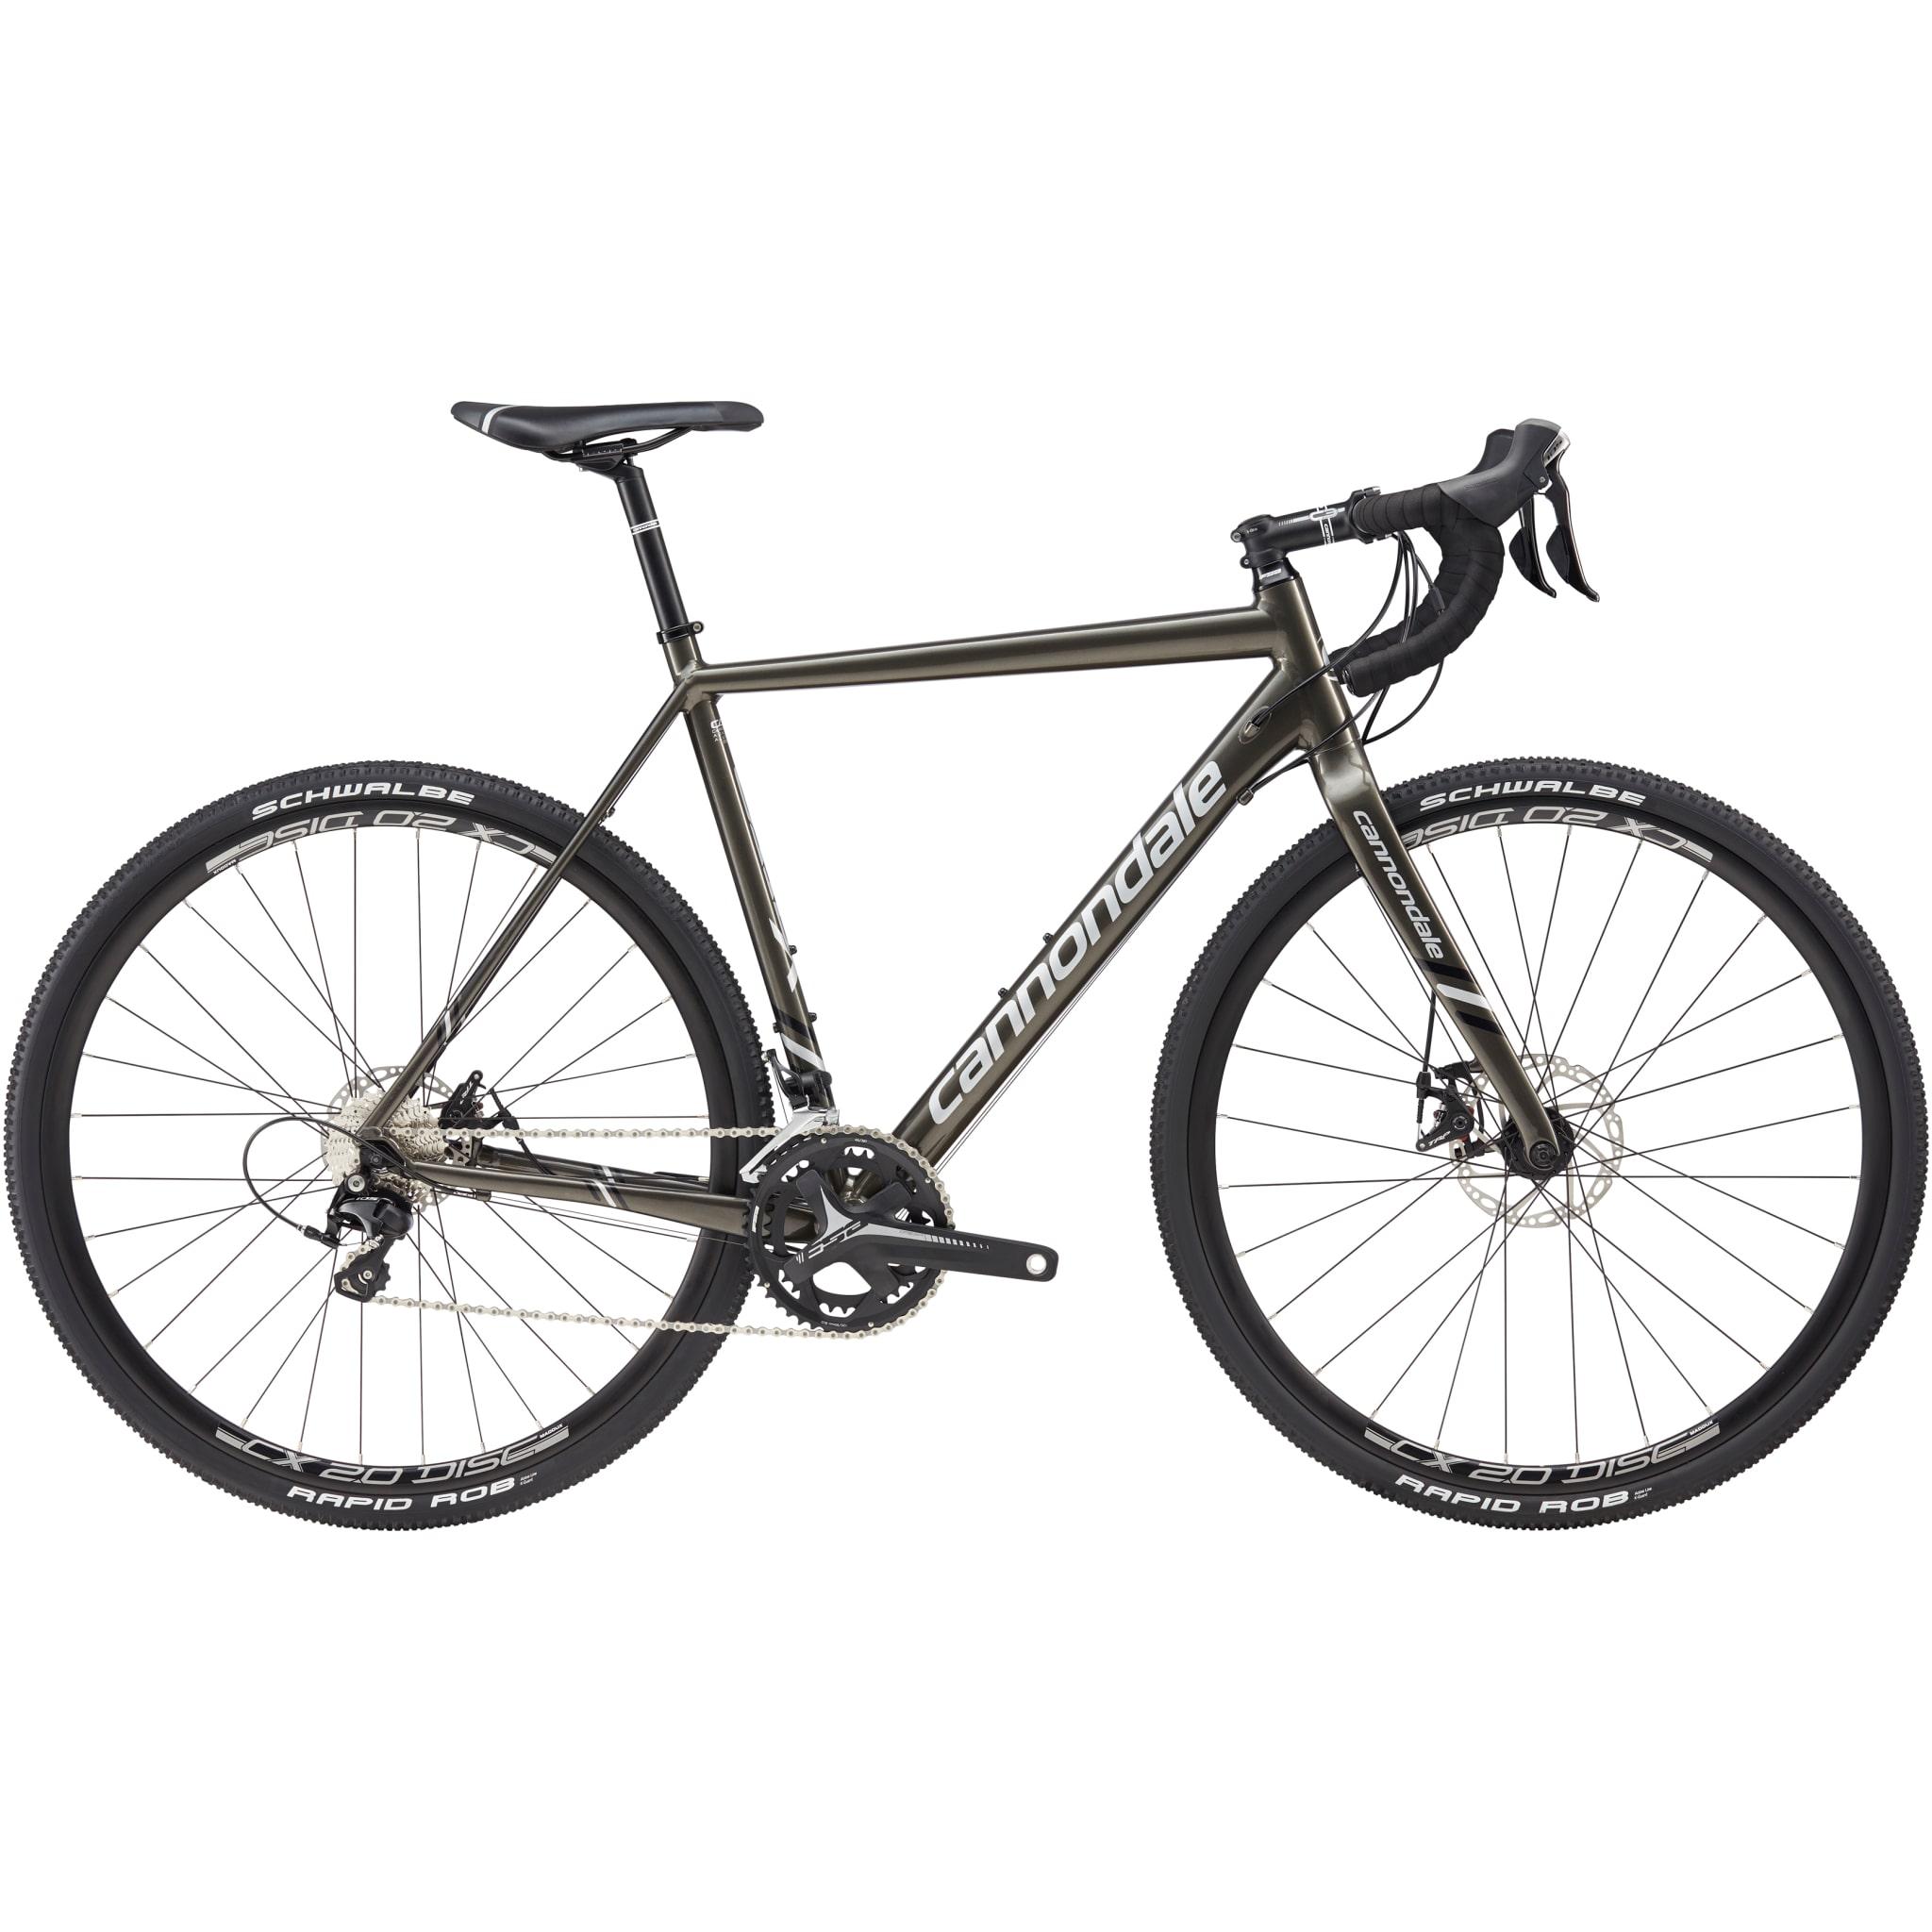 Utrolig allsidig sykkel, som sluker alt av mil og underlag.